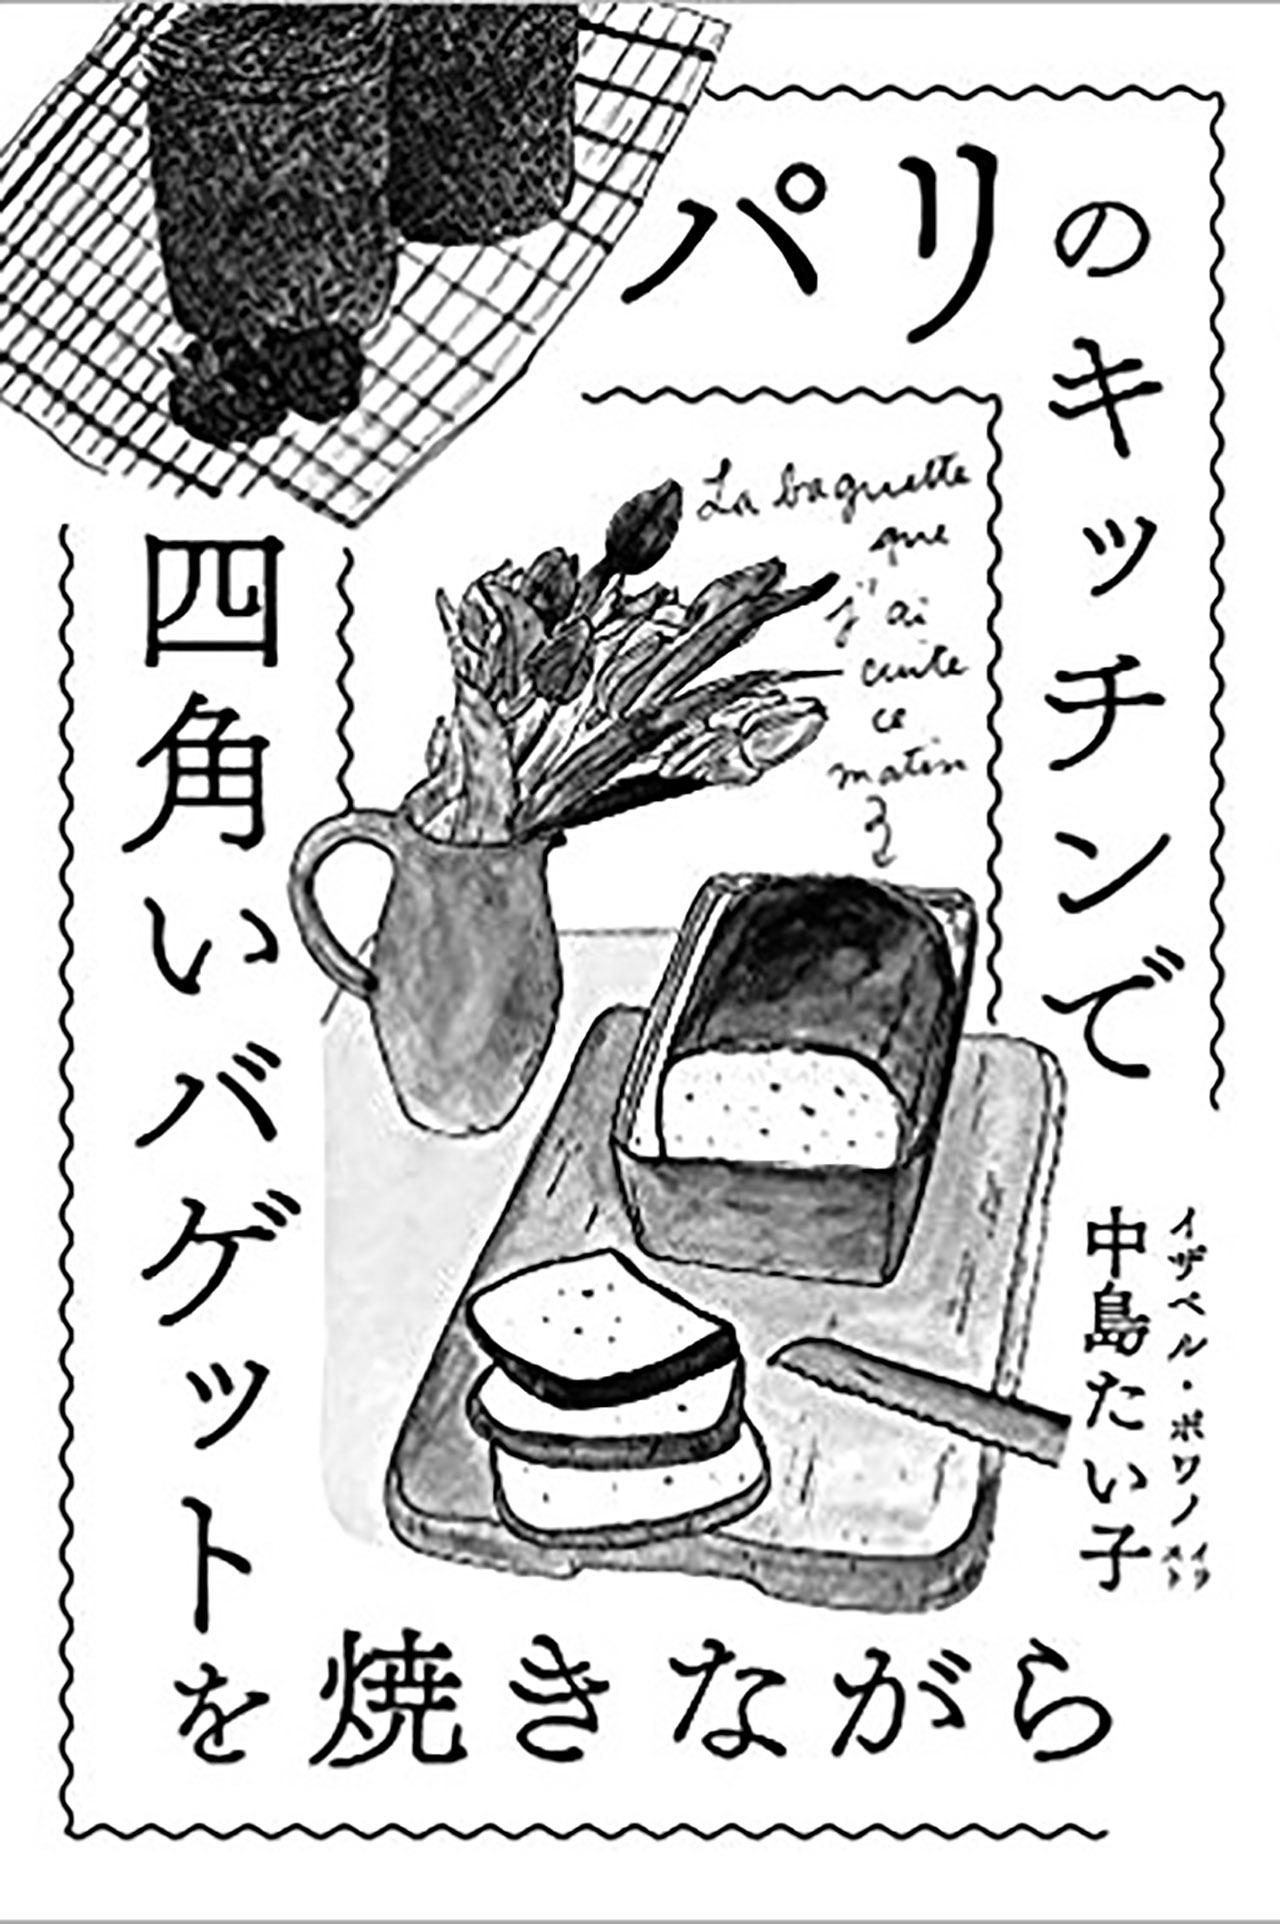 女性におすすめの本photo gallery_1_1-4